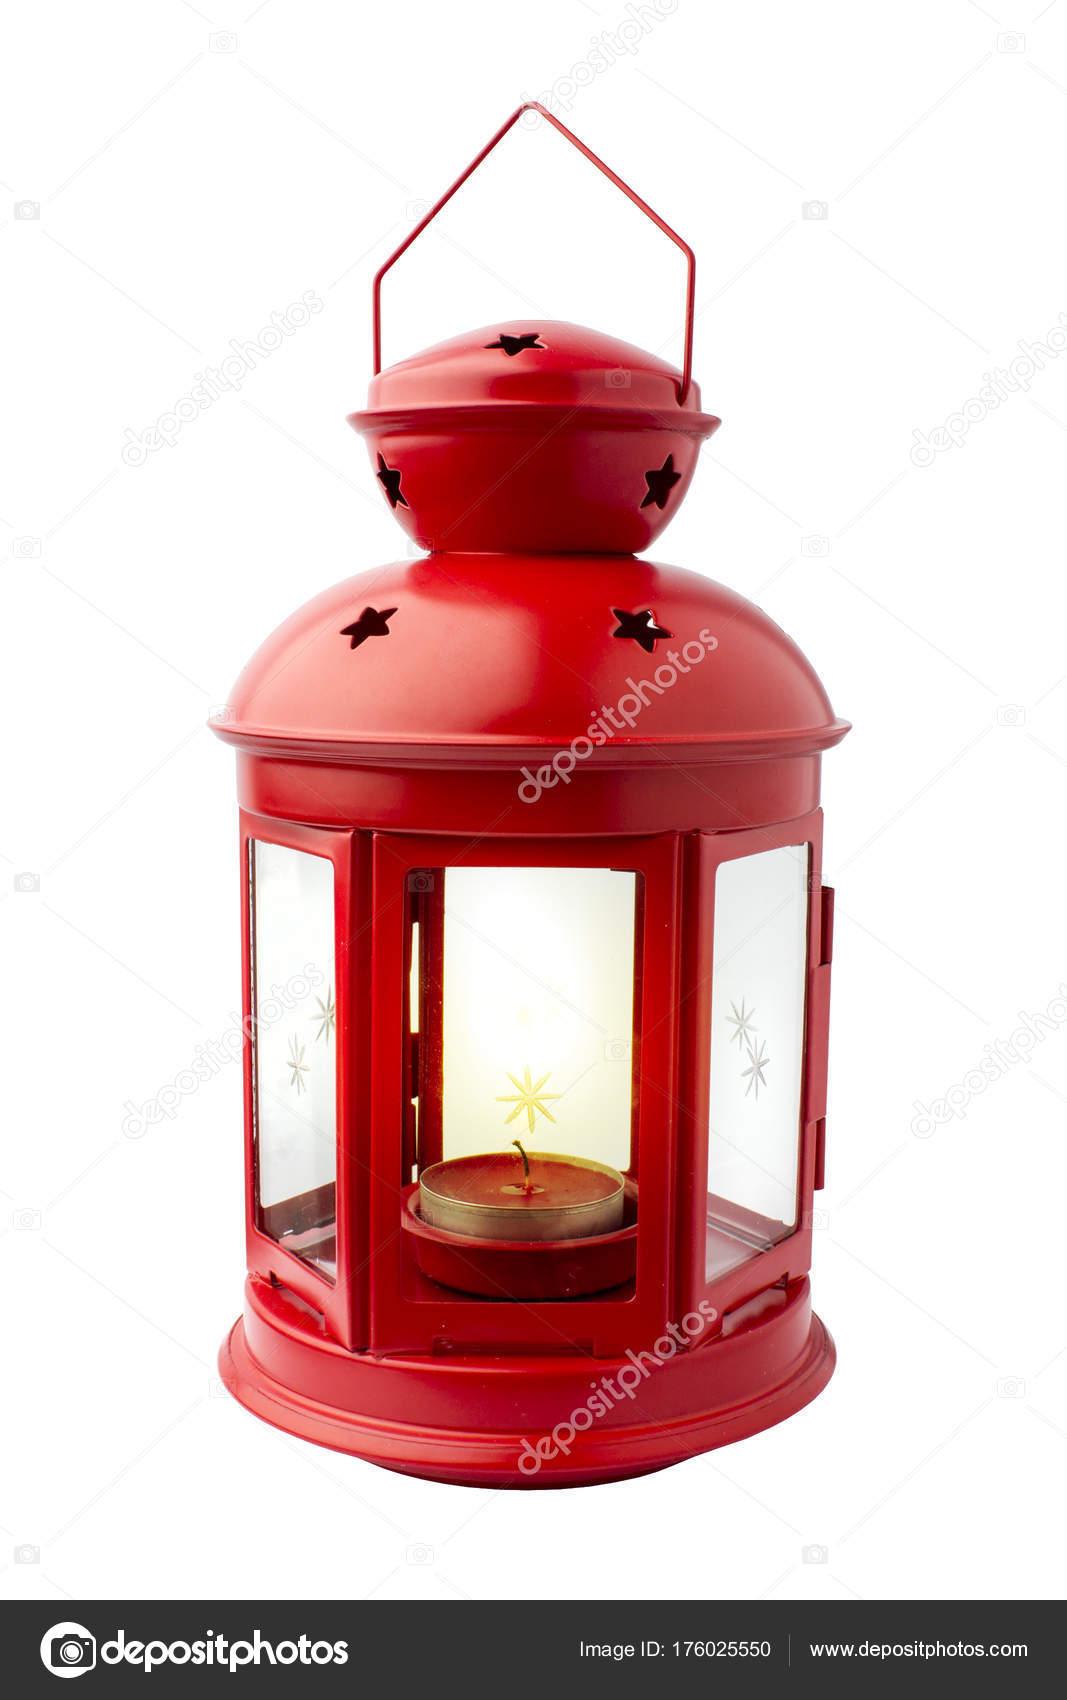 chandelier rouge avec une bougie lanterne objet sur fond blanc photo